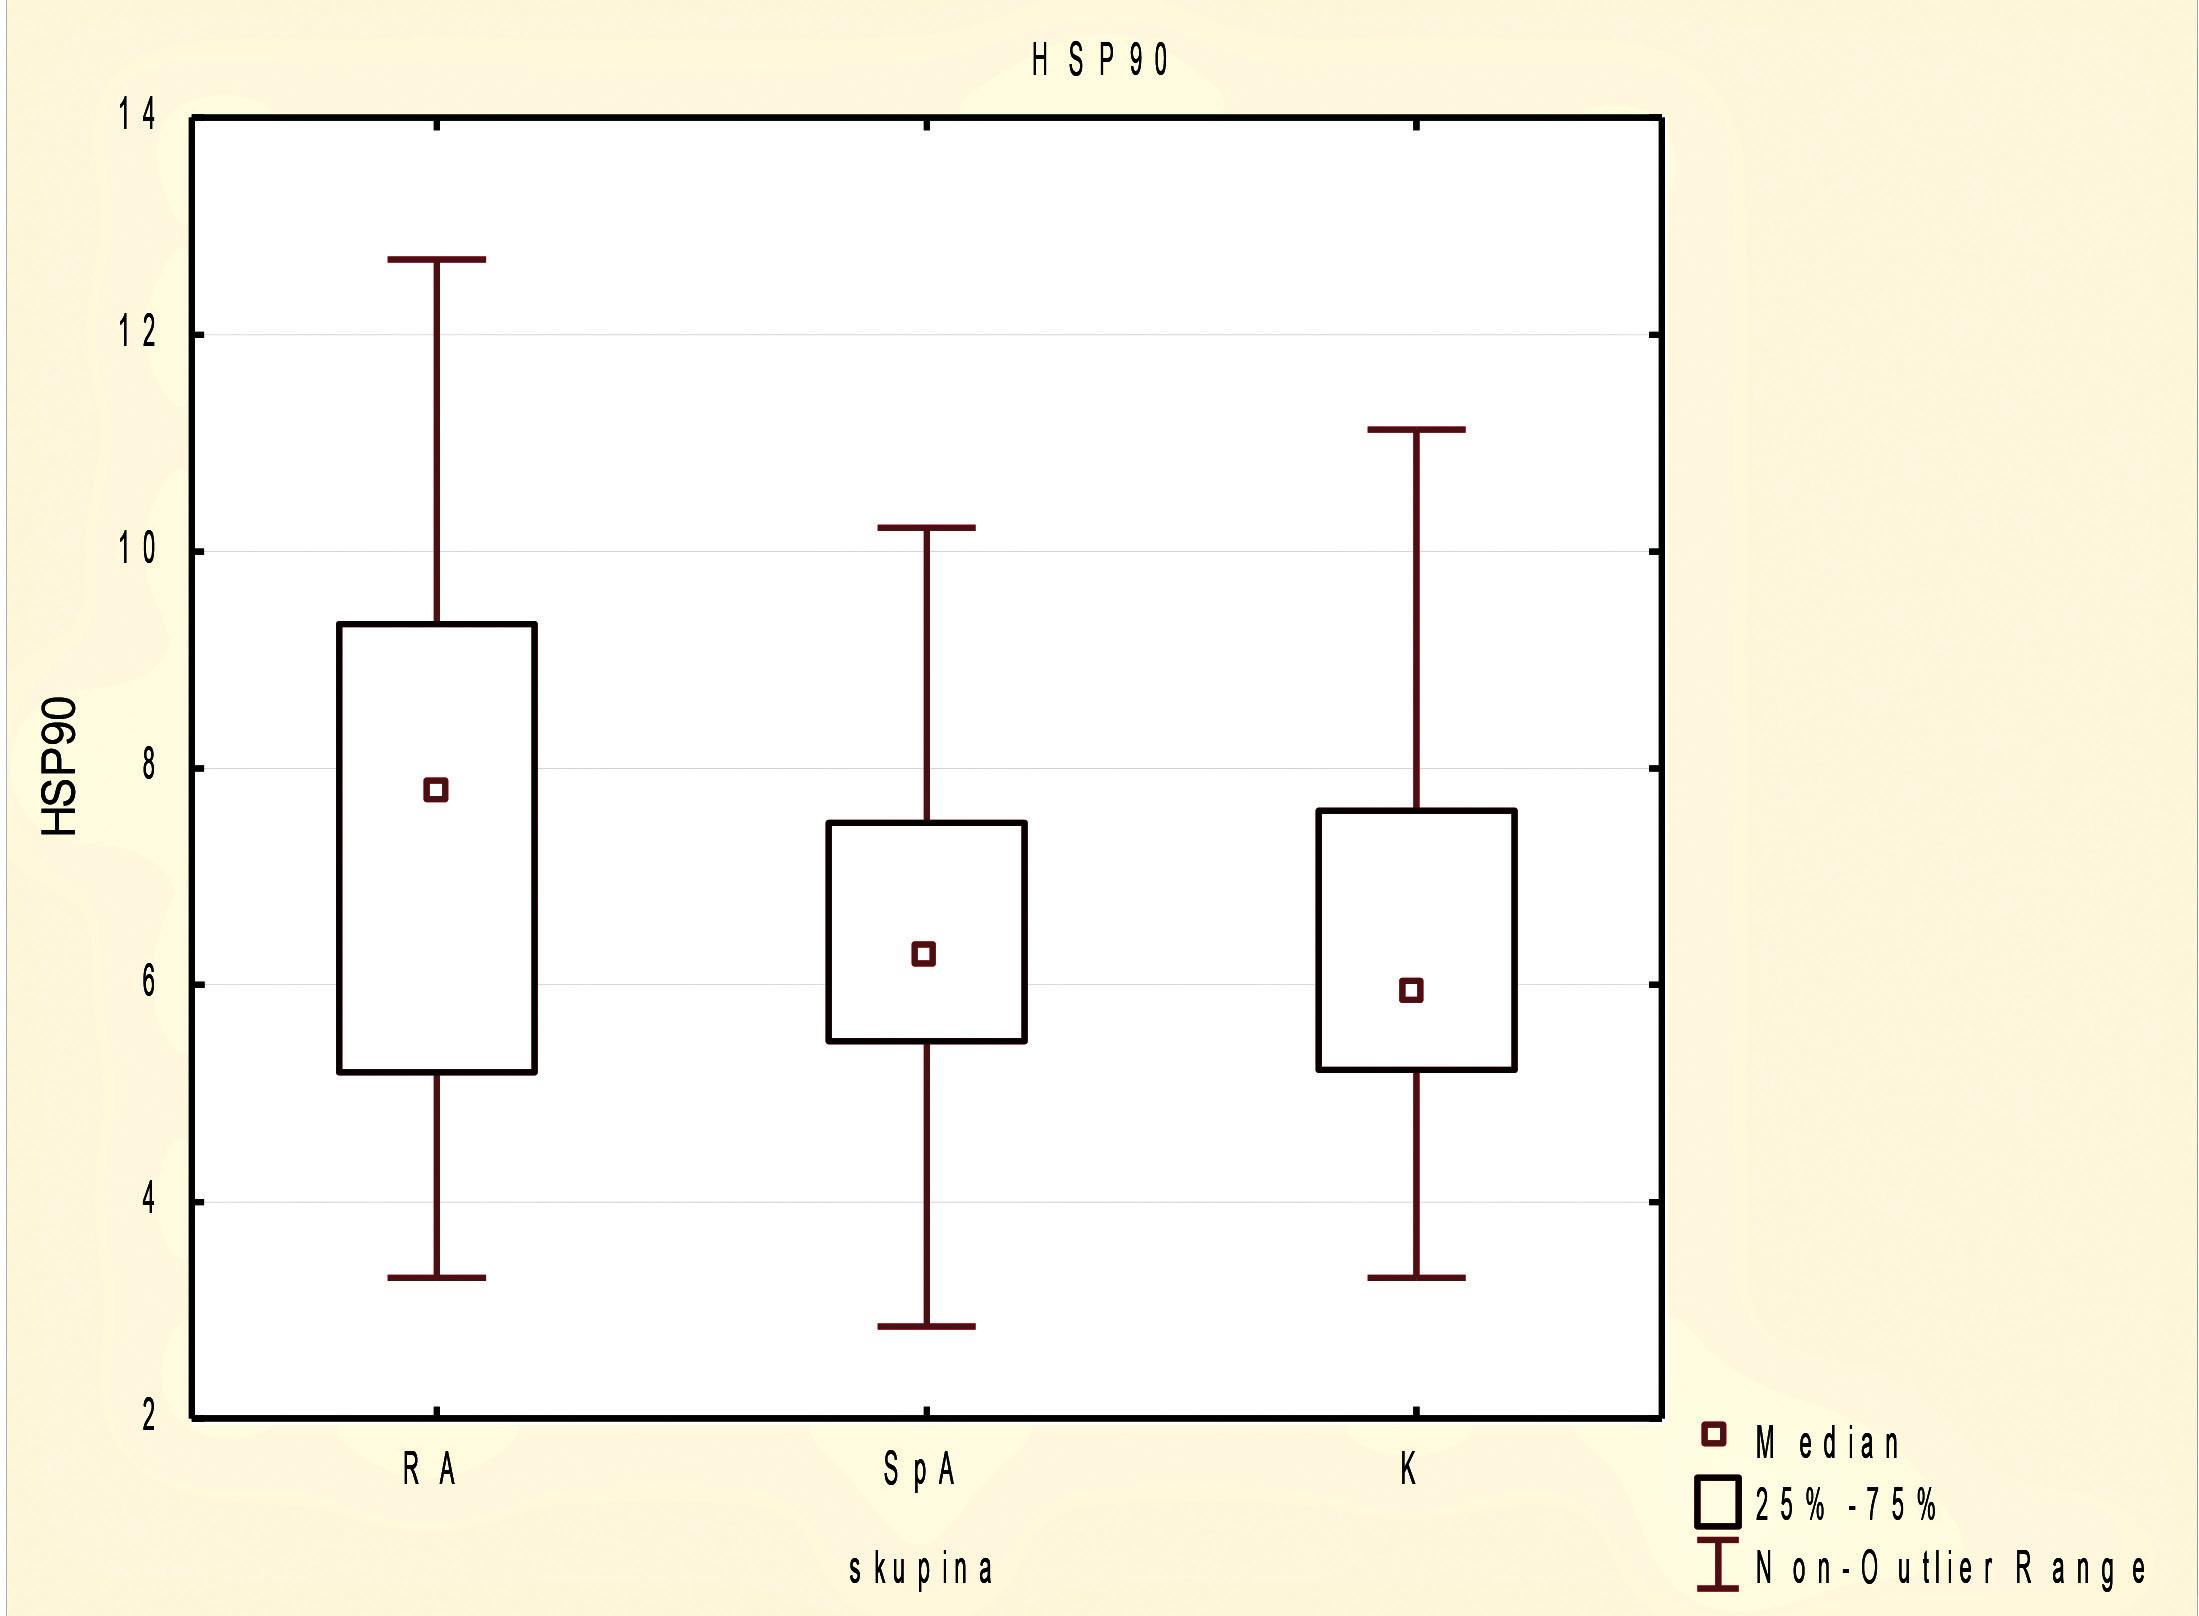 Sérové koncentrace proteinu tepelného šoku HSP90 v souboru pacientů s revmatoidní artritidou (RA), axiální spondyloartritidou (AxSpA) a u zdravých dobrovolníků.